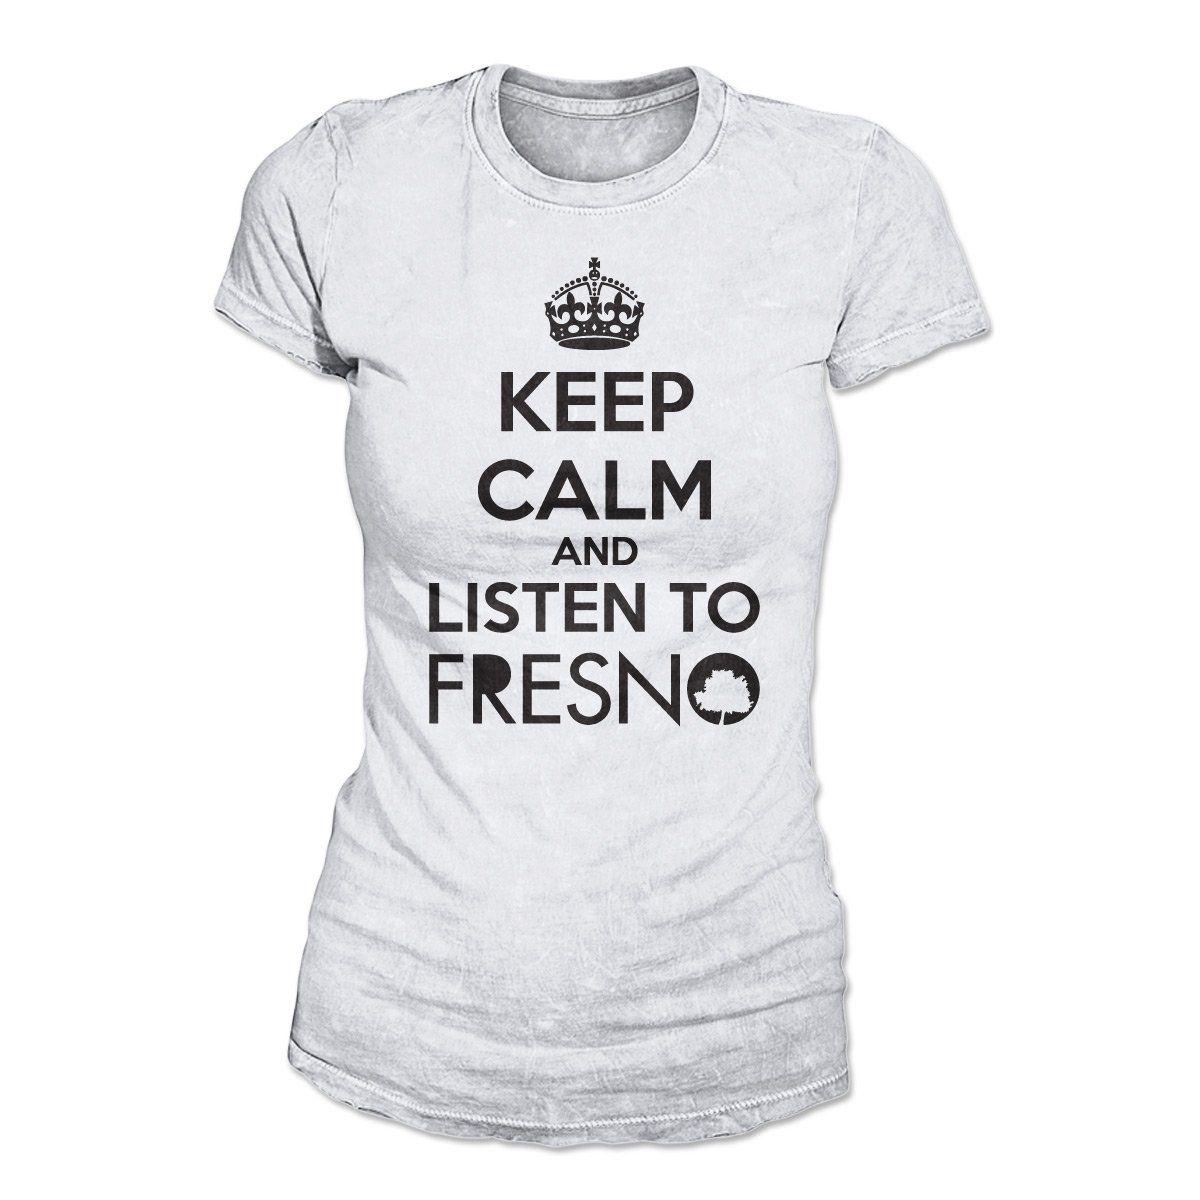 Camiseta Feminina Fresno - Keep Calm White